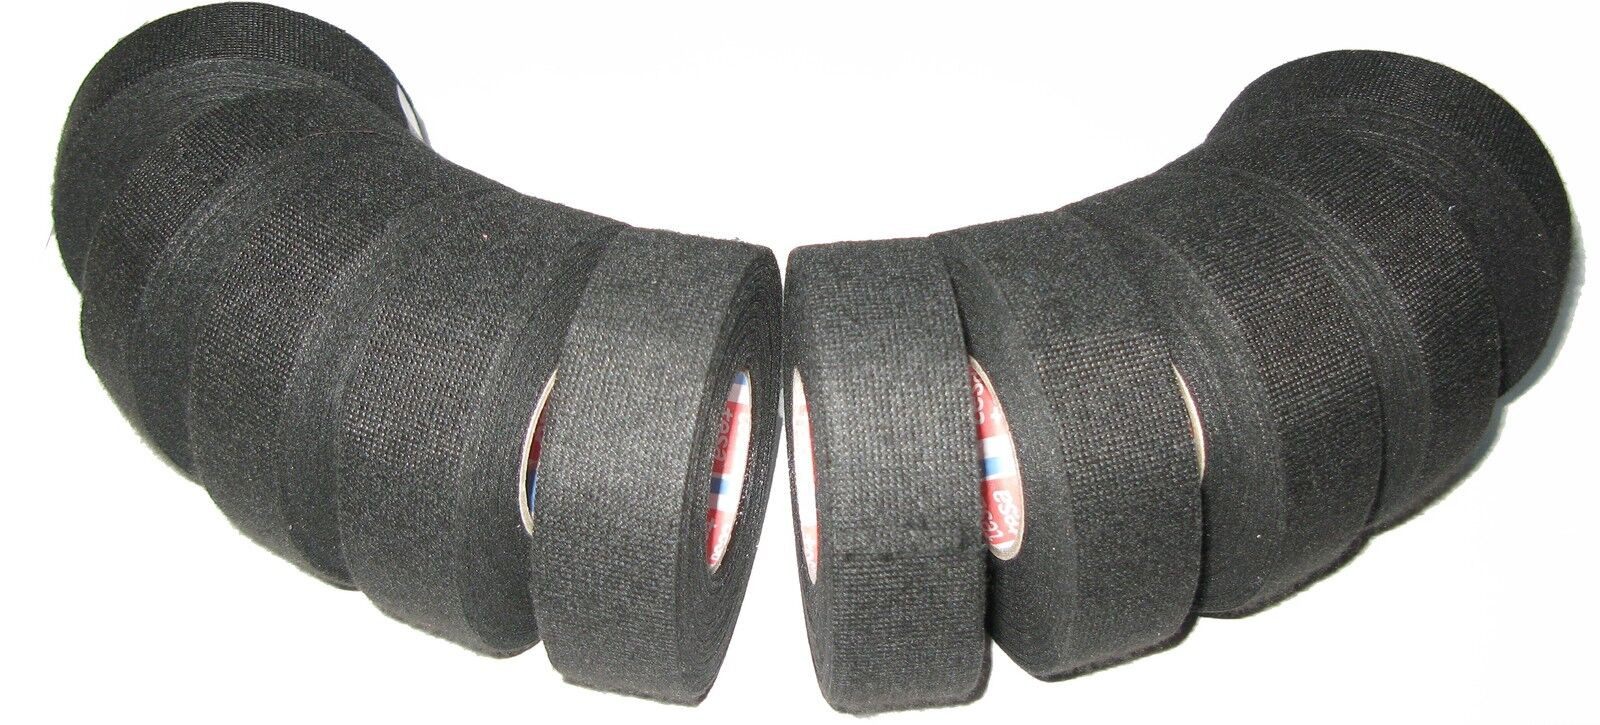 tesa Isolierklebeband schwarz 10m x 15mm 56192-00010-02